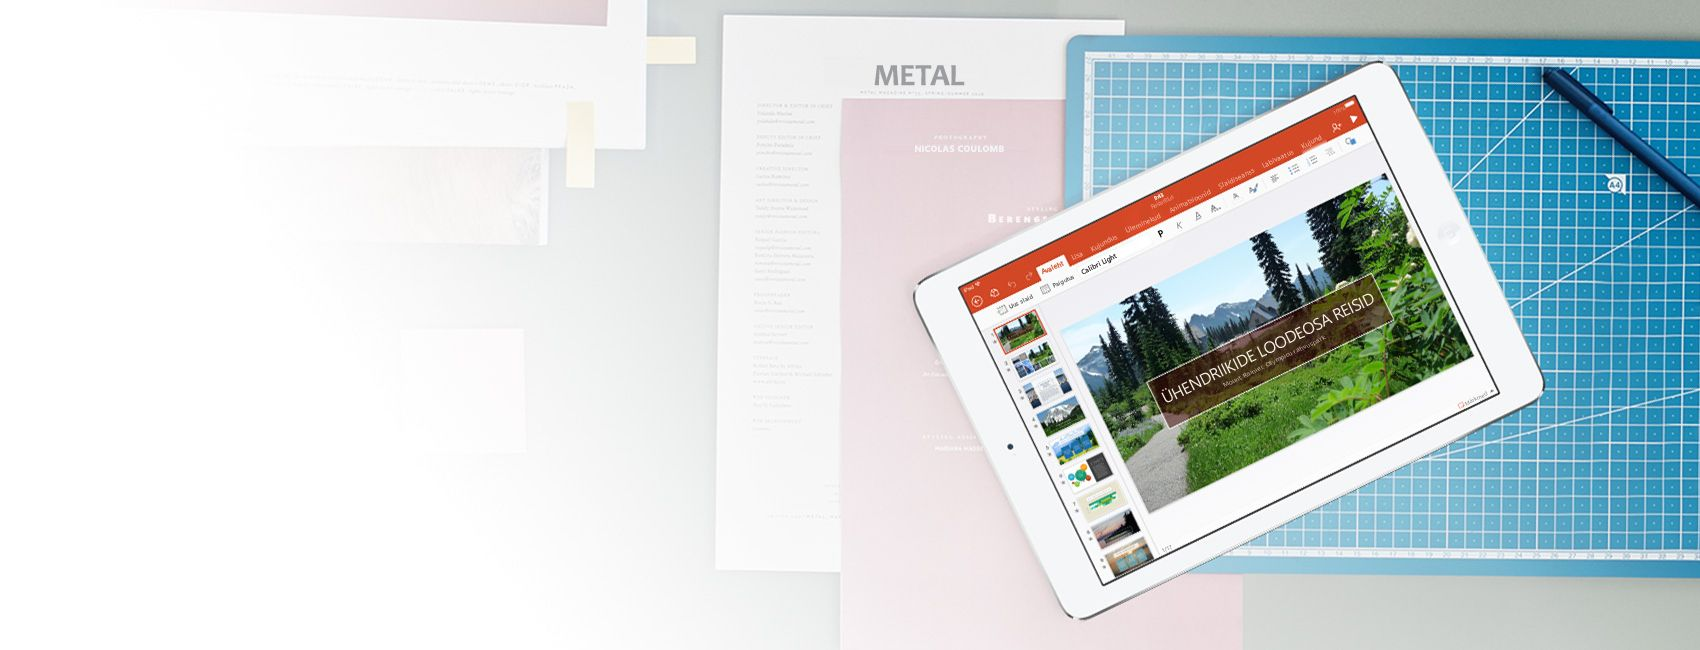 iPad, mille ekraanil on iOS-i jaoks ette nähtud PowerPointi esitlus Pacific Northwesti reisibüroo kohta